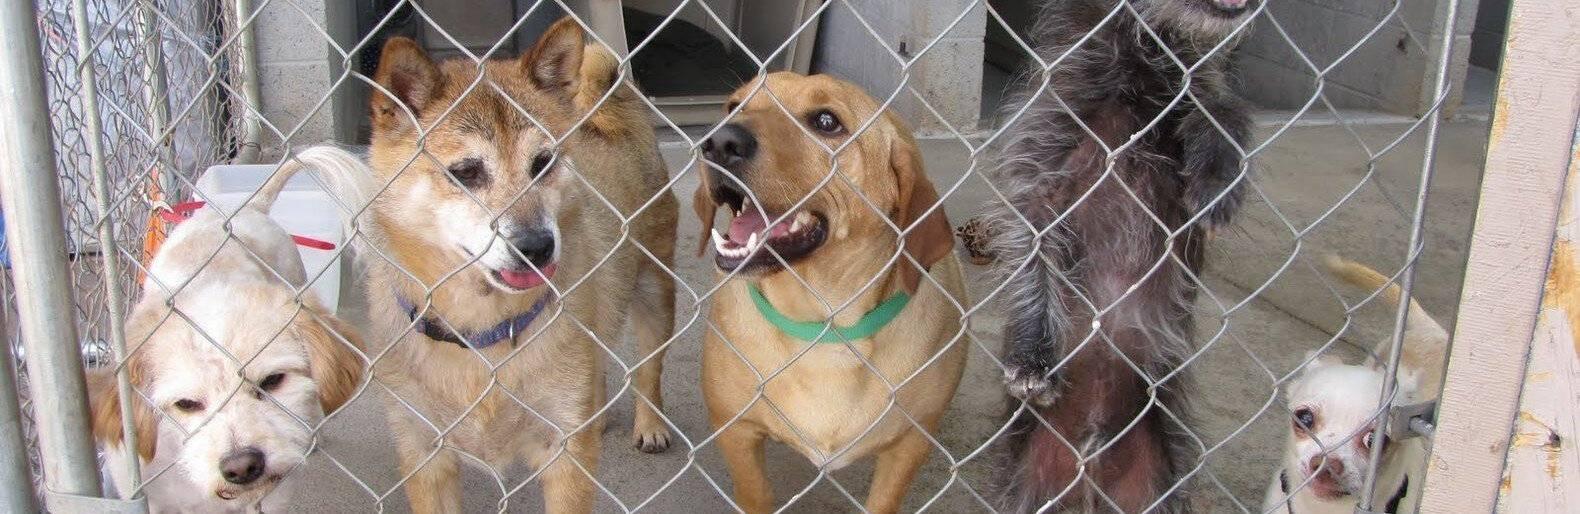 Защитники животных стремятся выиграть тендер на отлавливание бездомных собак